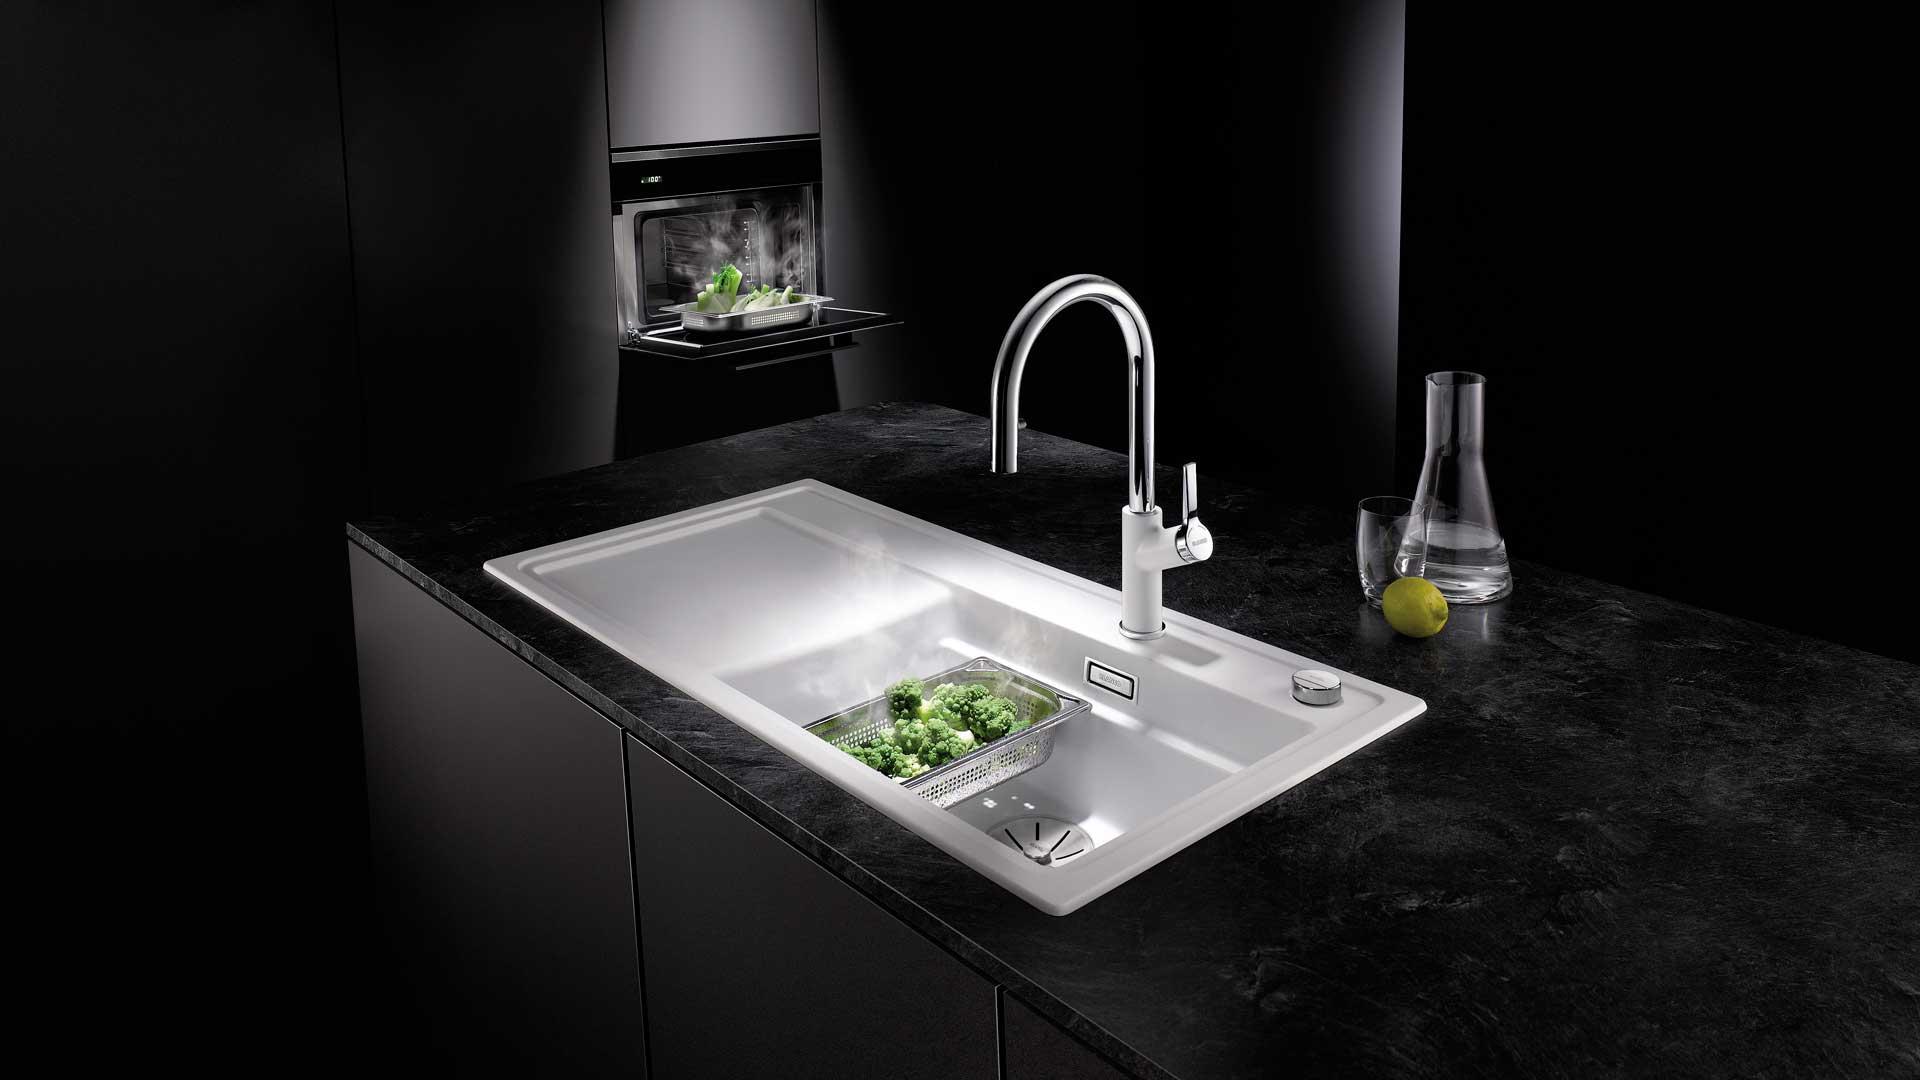 Spüle mit Dampfgarerzubehör von Blanco in der Küchenwelt preissegger